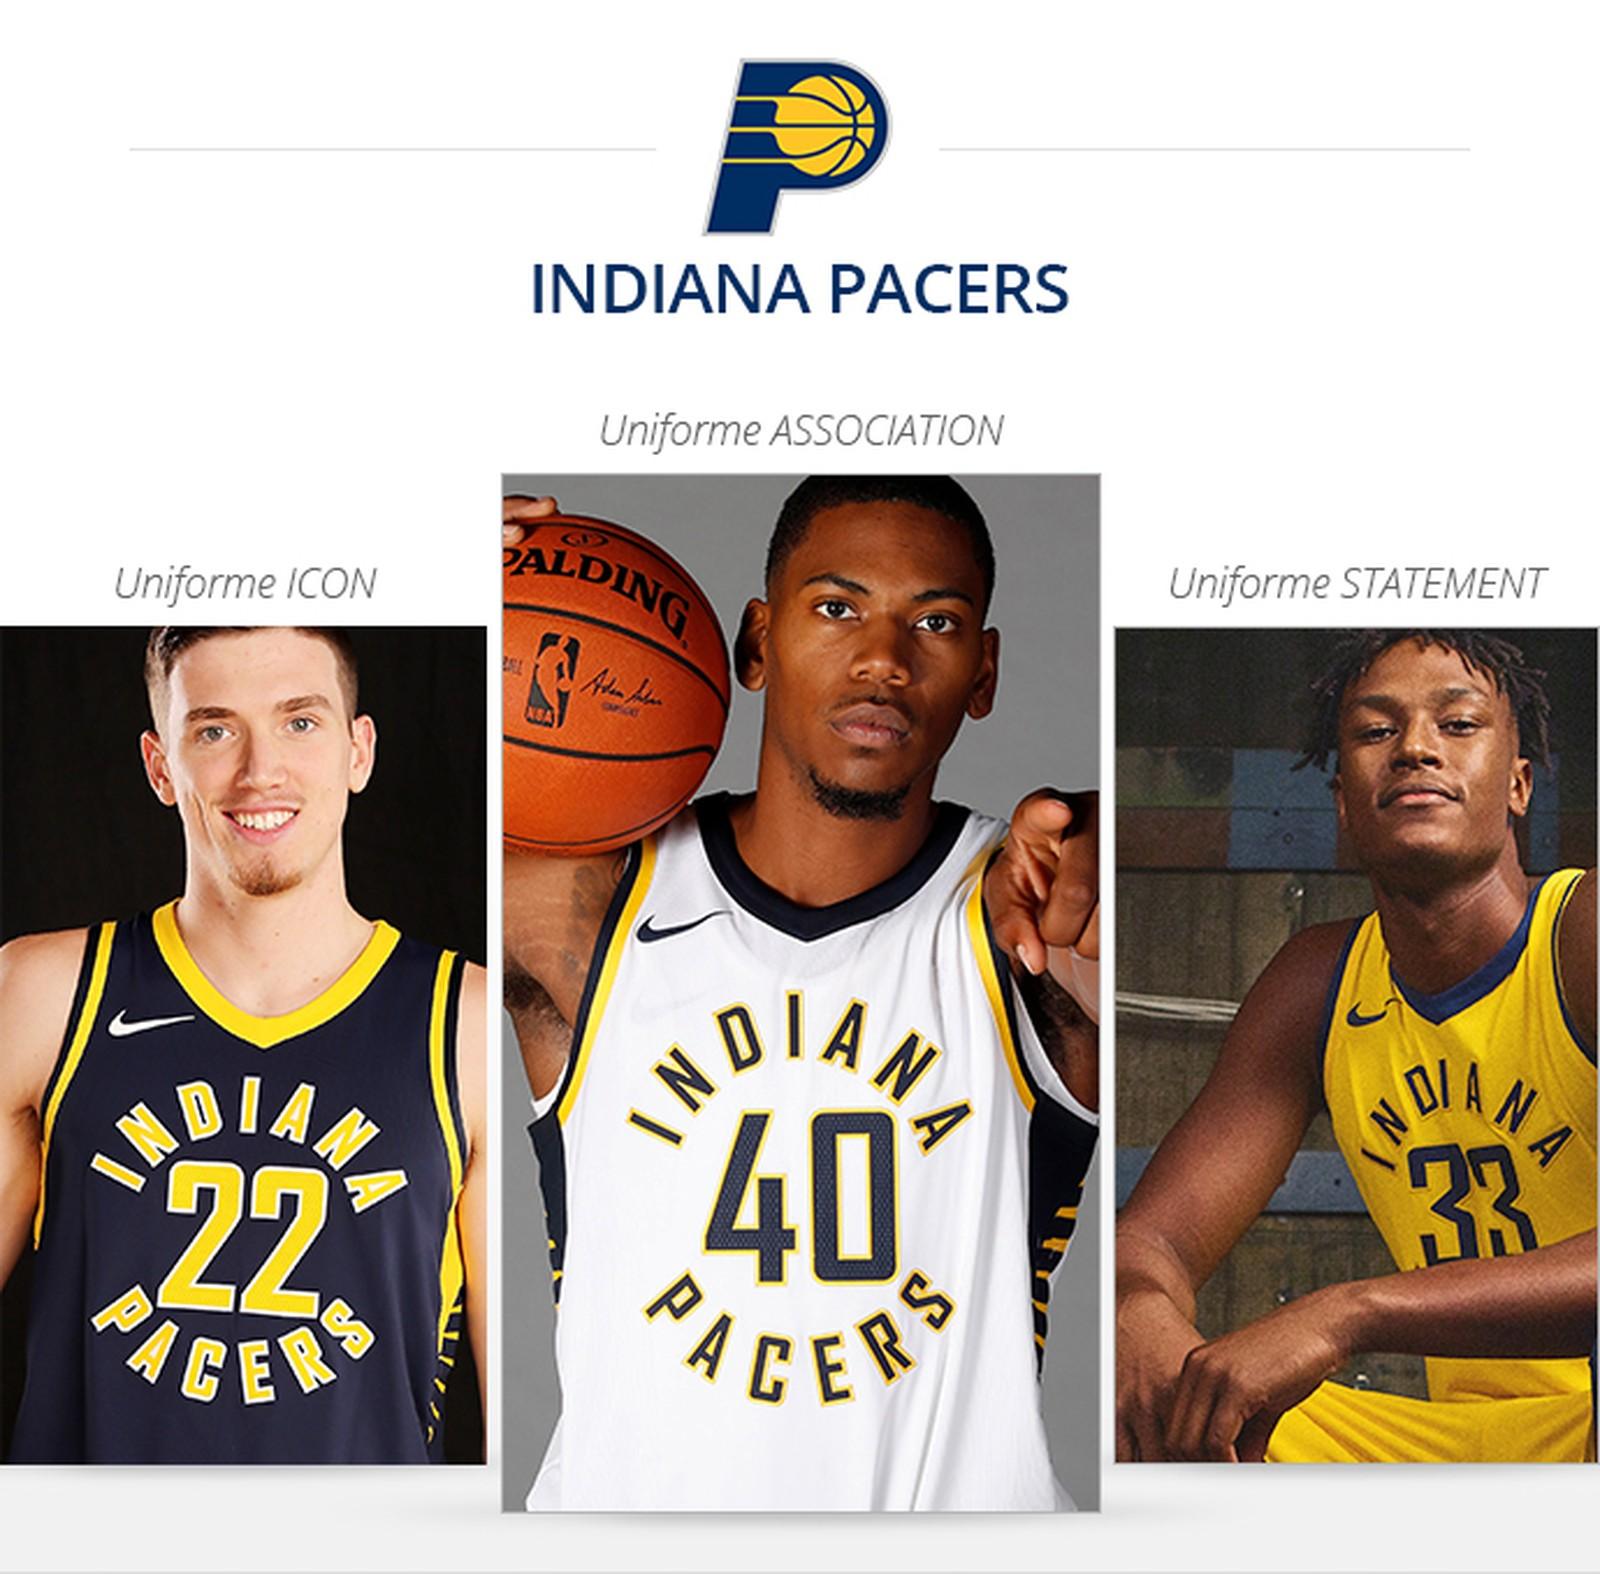 Uniformes Indiana Pacers saison 2017/18